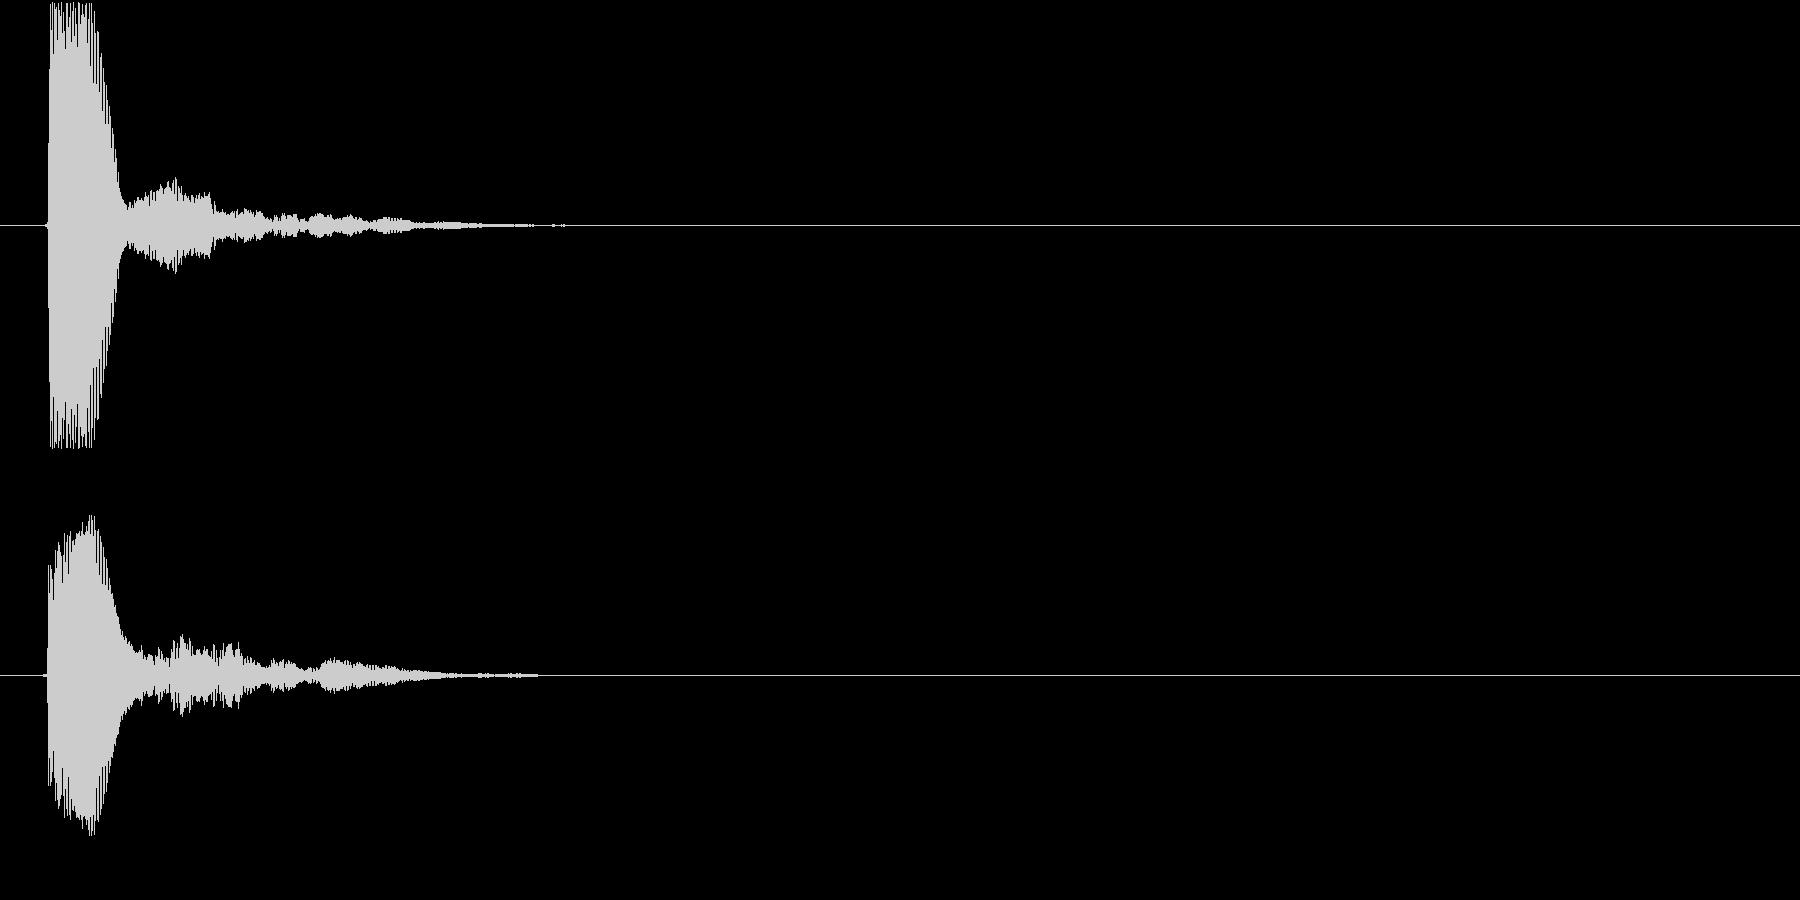 ピッ(カーソル、キー入力、選択)の未再生の波形